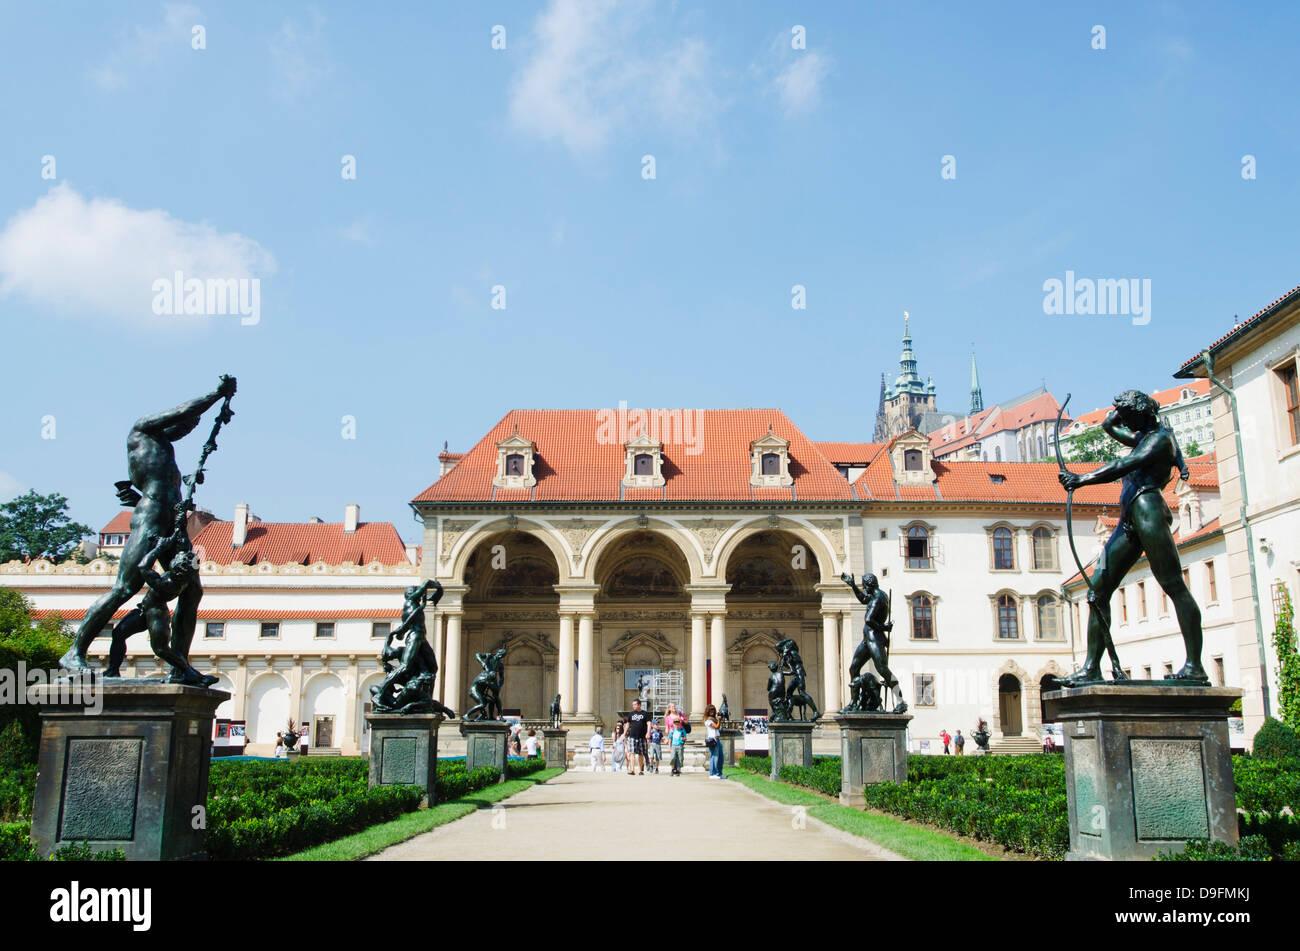 Palacio Wallenstein, Praga, República Checa Imagen De Stock